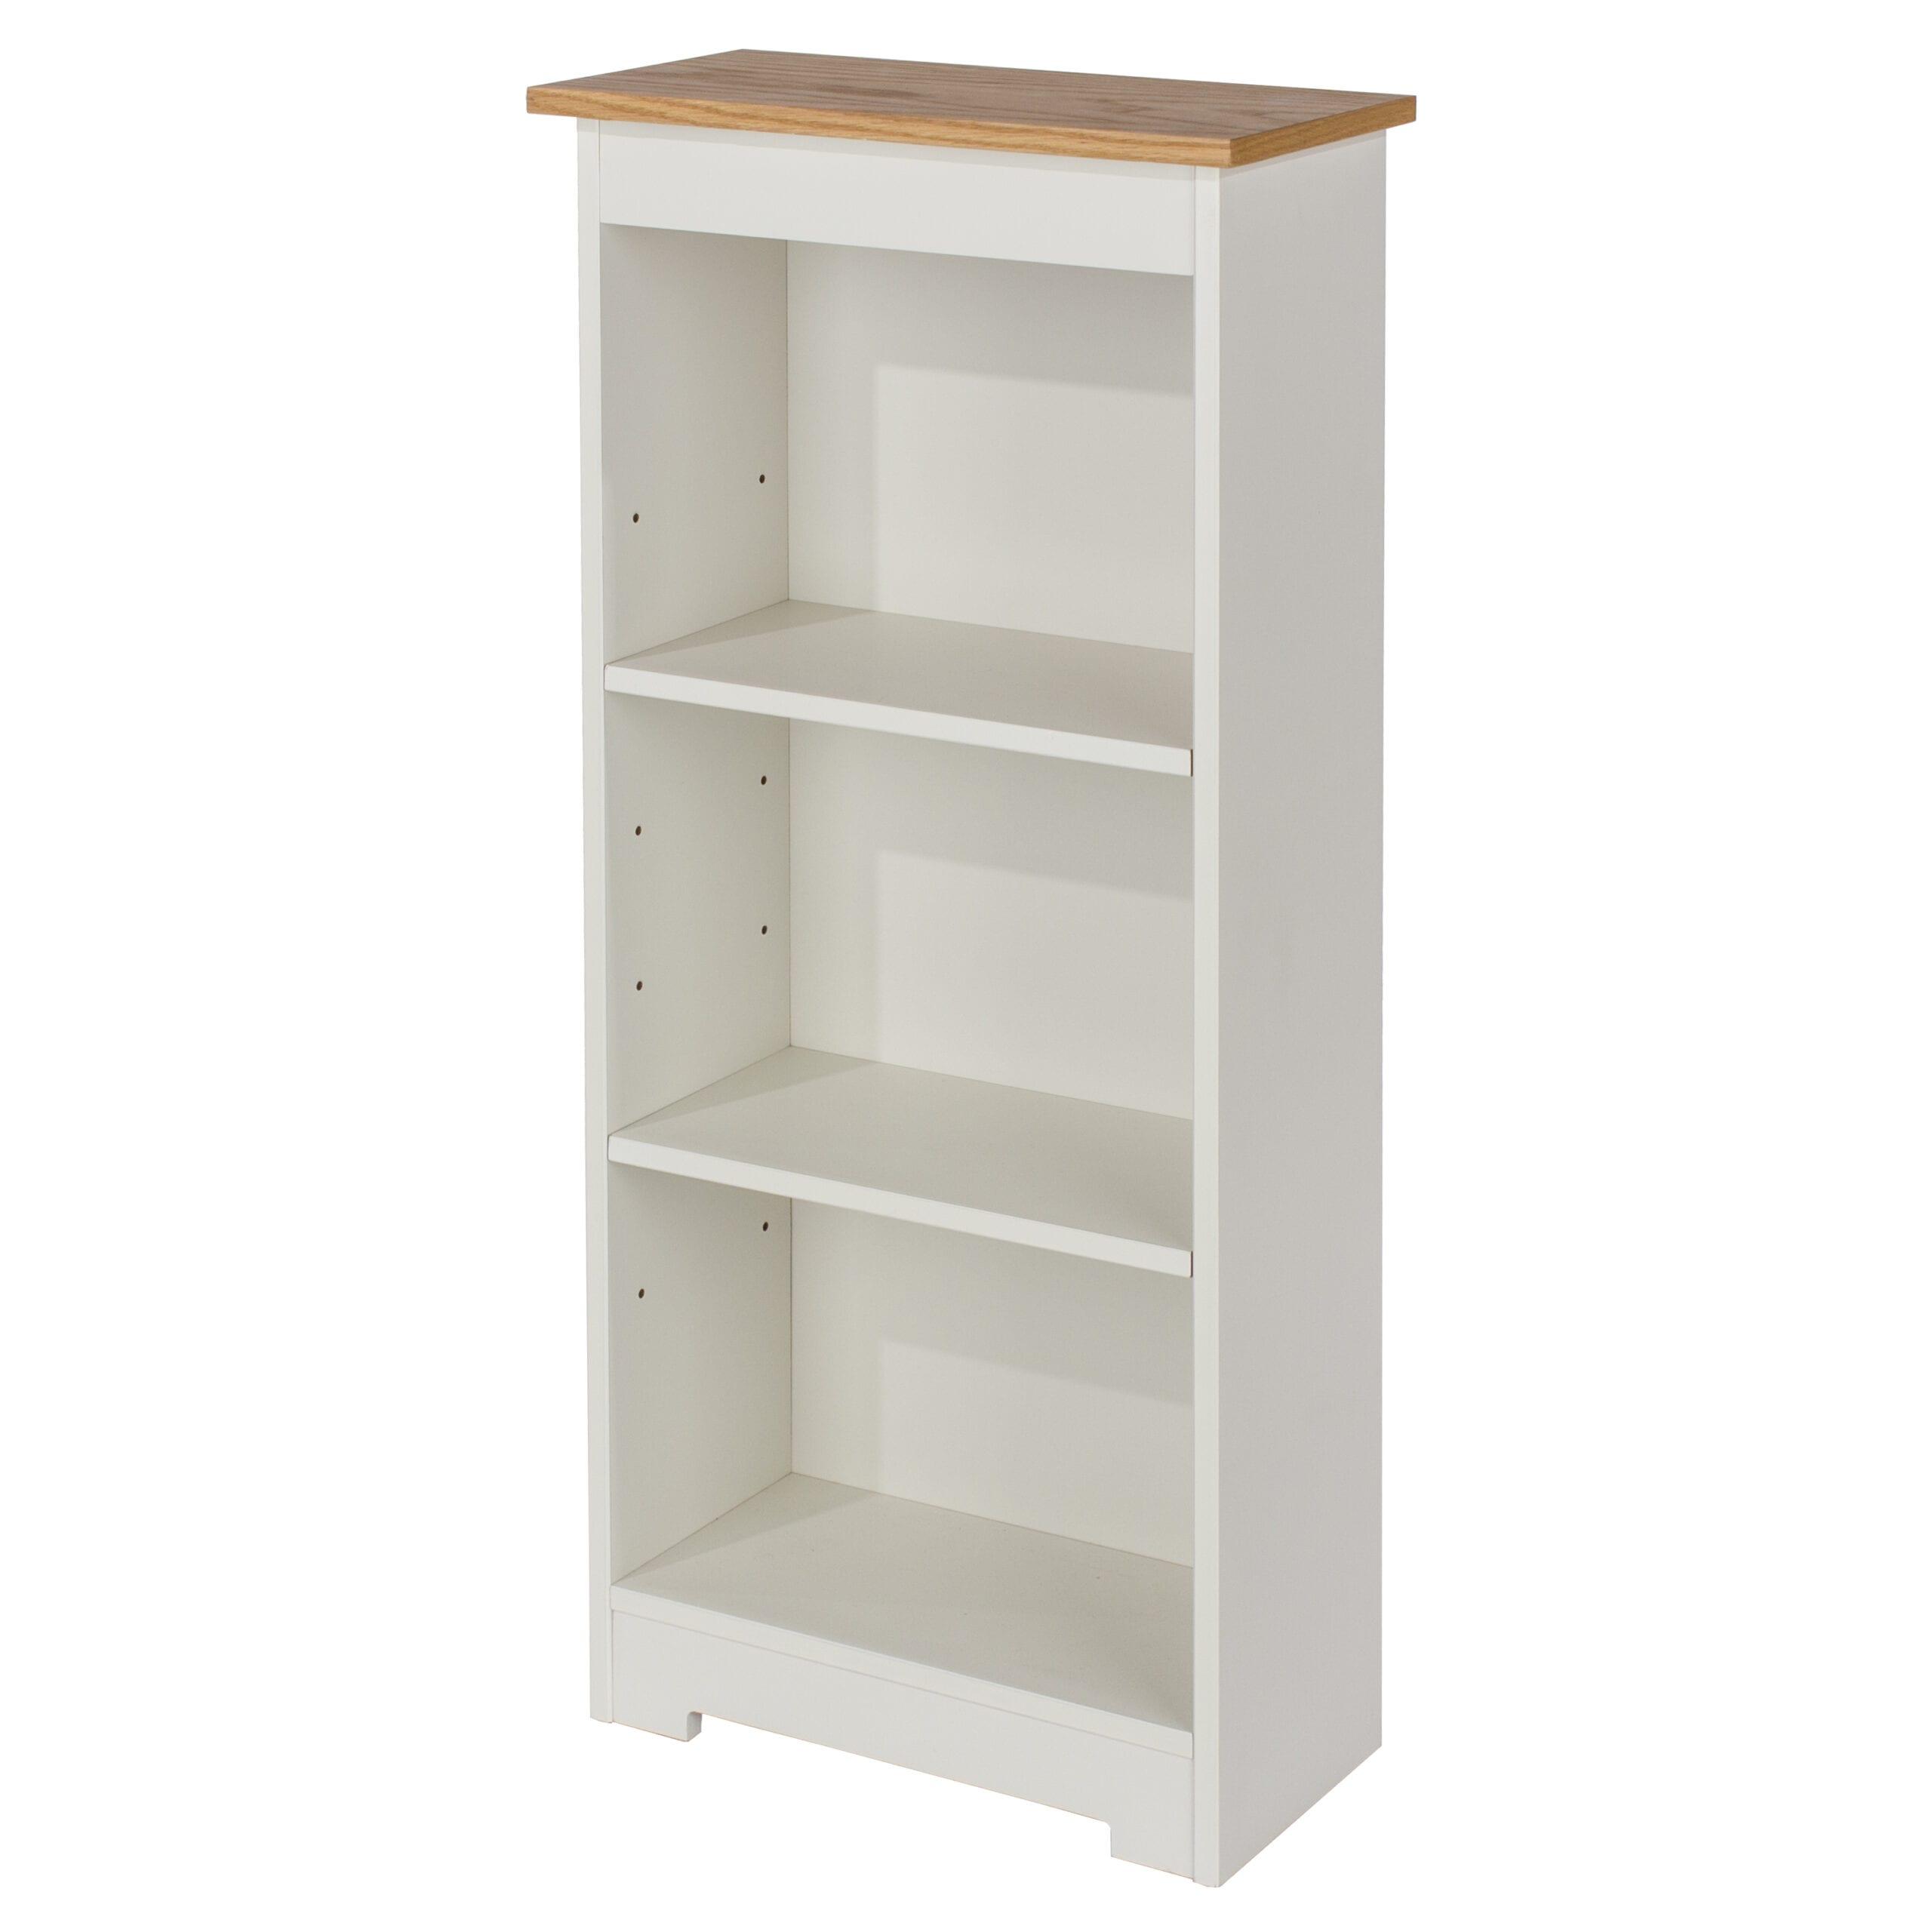 Colonade low narrow bookcase